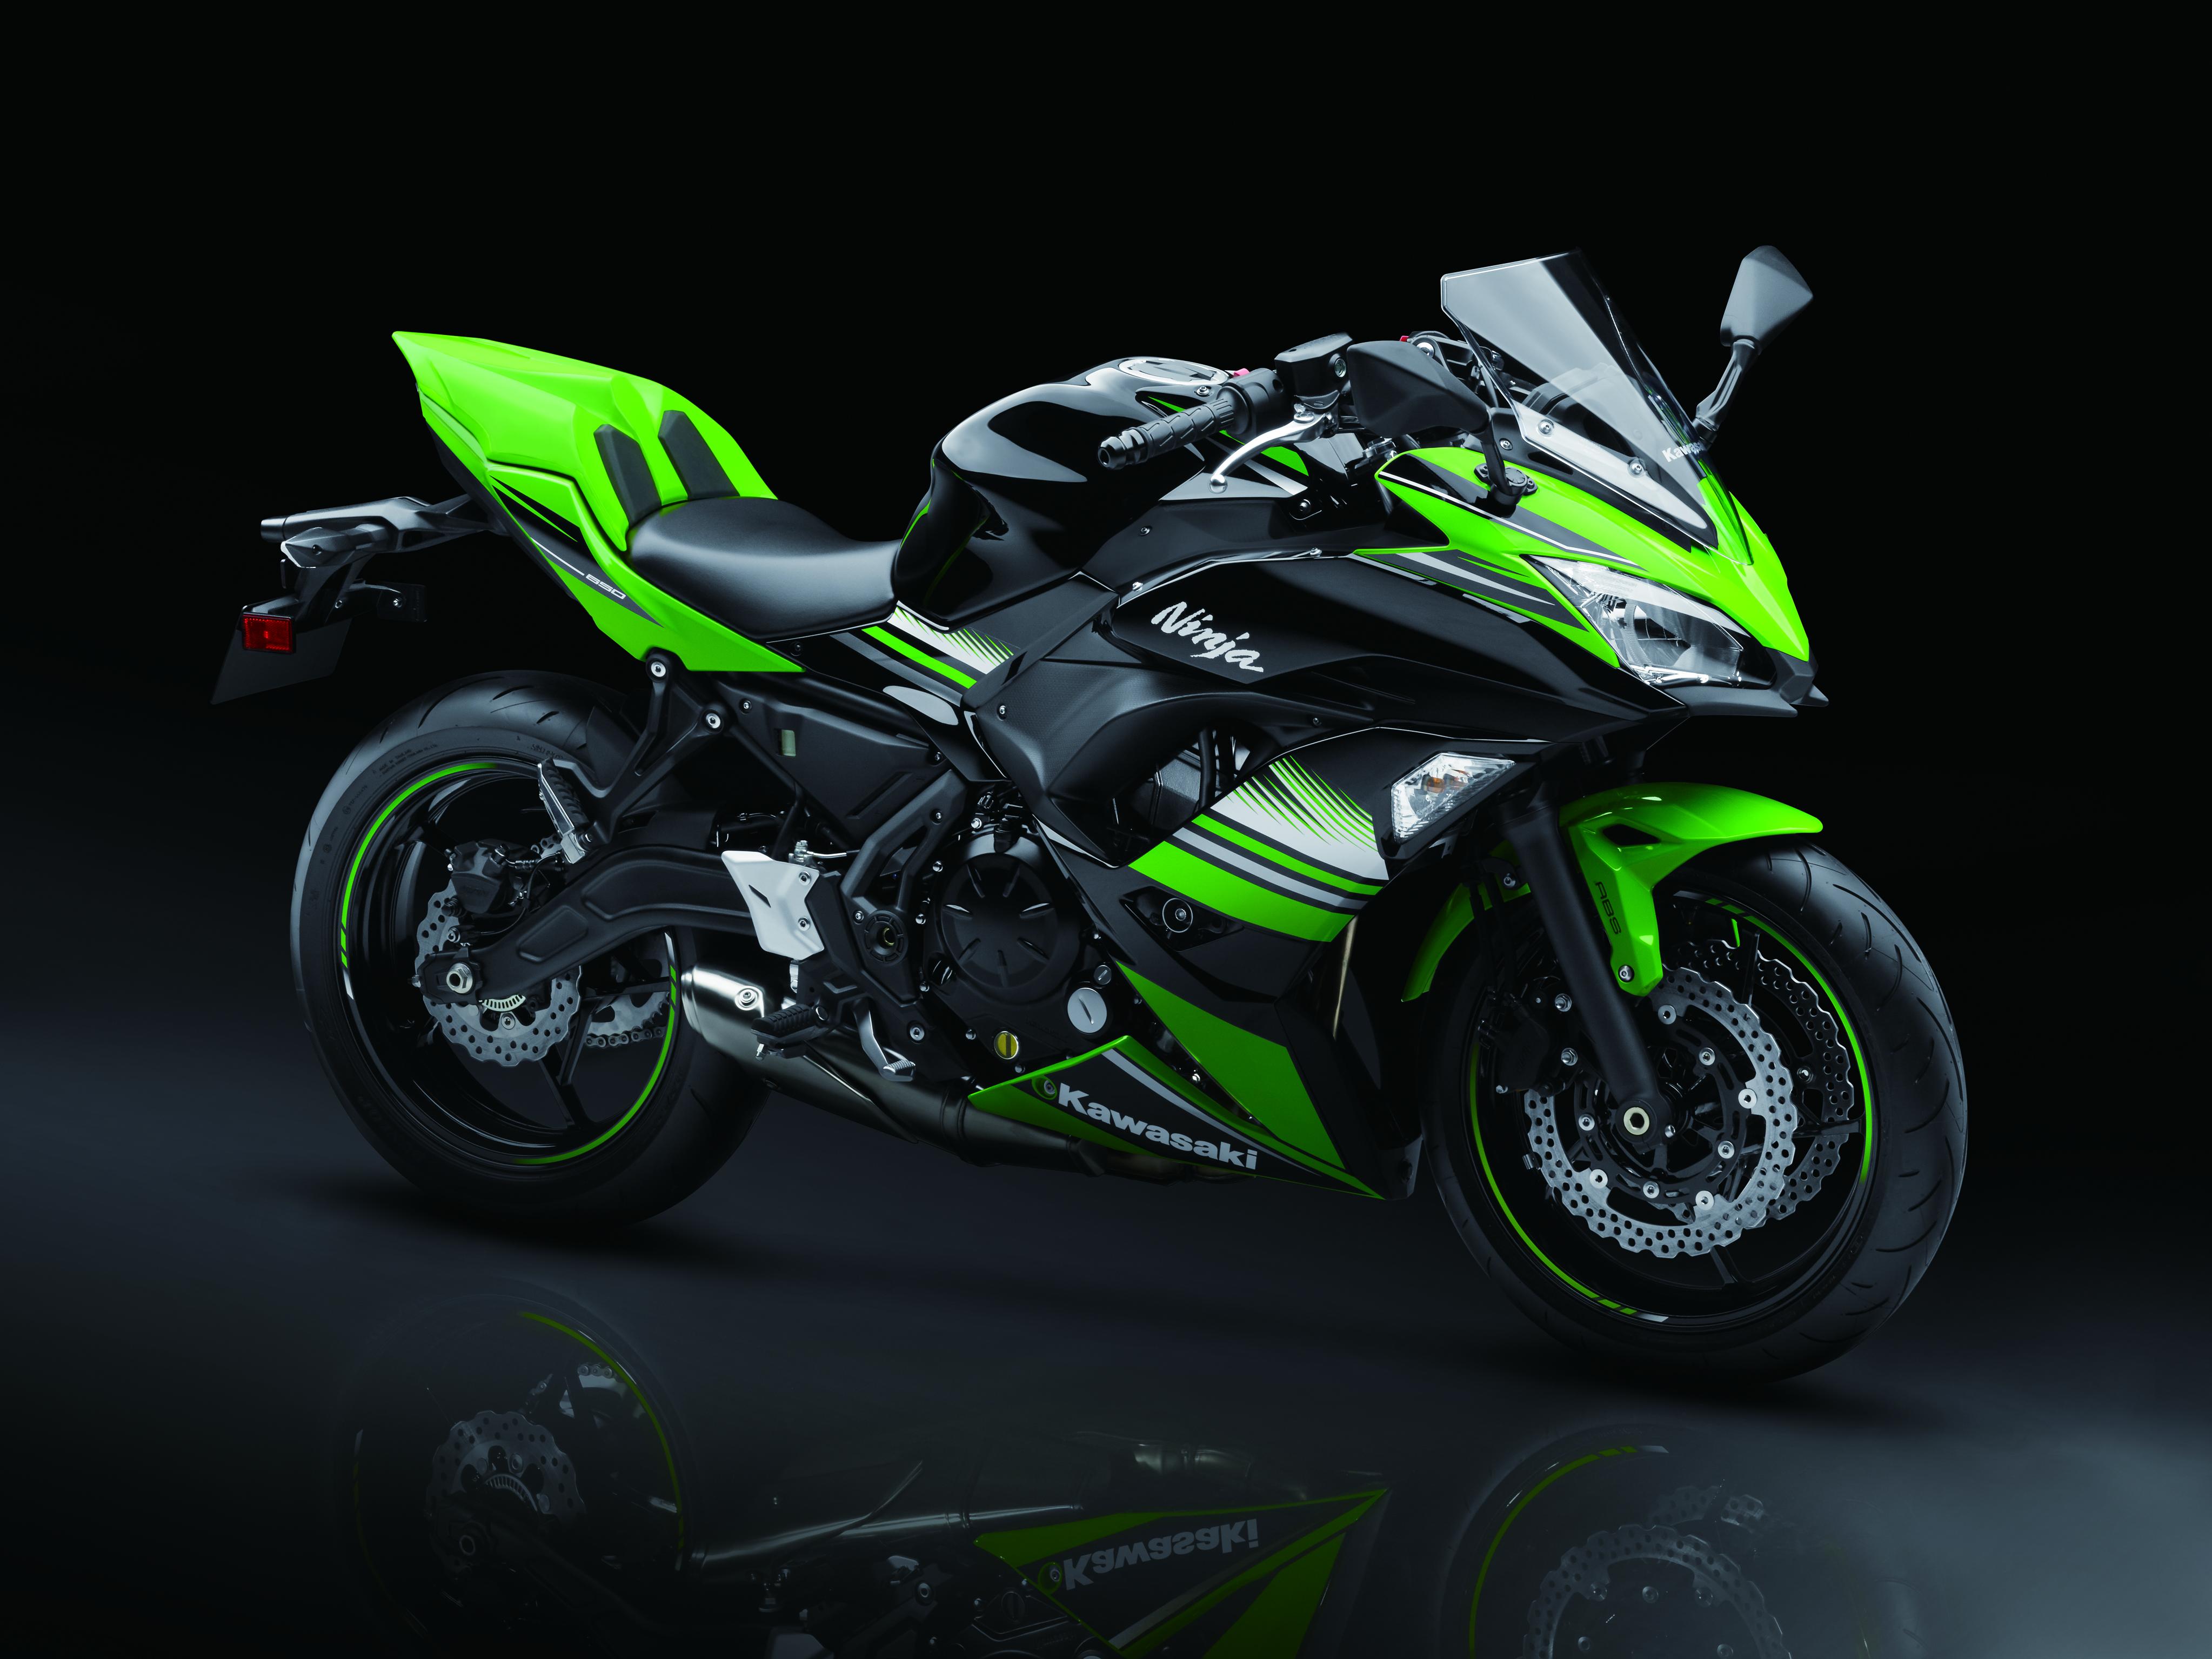 Todo sobre motos: Galería: Kawasaki Ninja 300 ABS